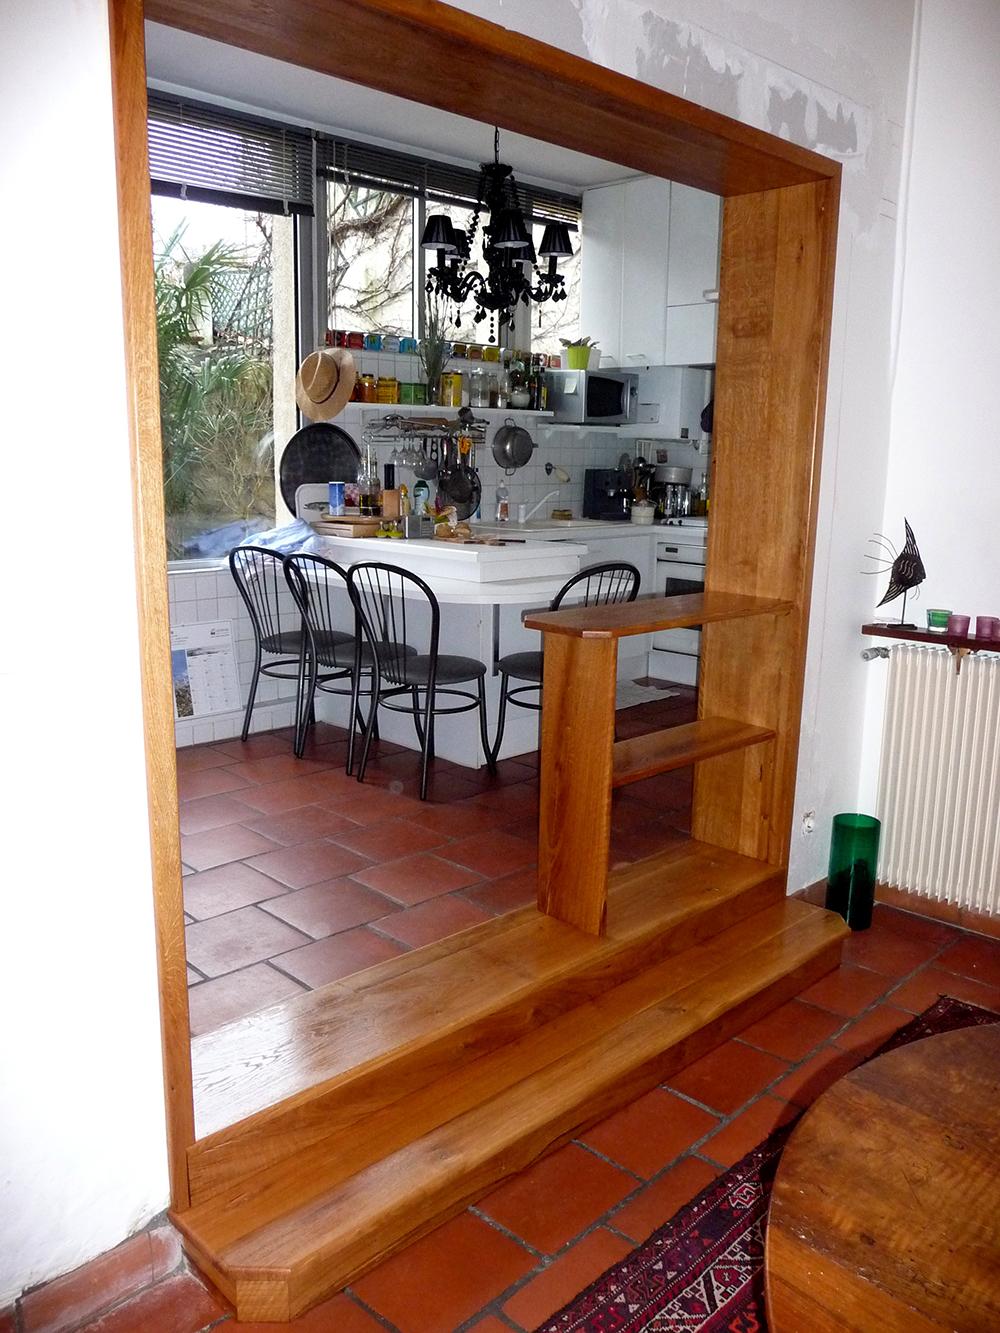 tableau menuiserie huisseries chssis de fentres rayonnages placards encastrs et autres ouvrages. Black Bedroom Furniture Sets. Home Design Ideas